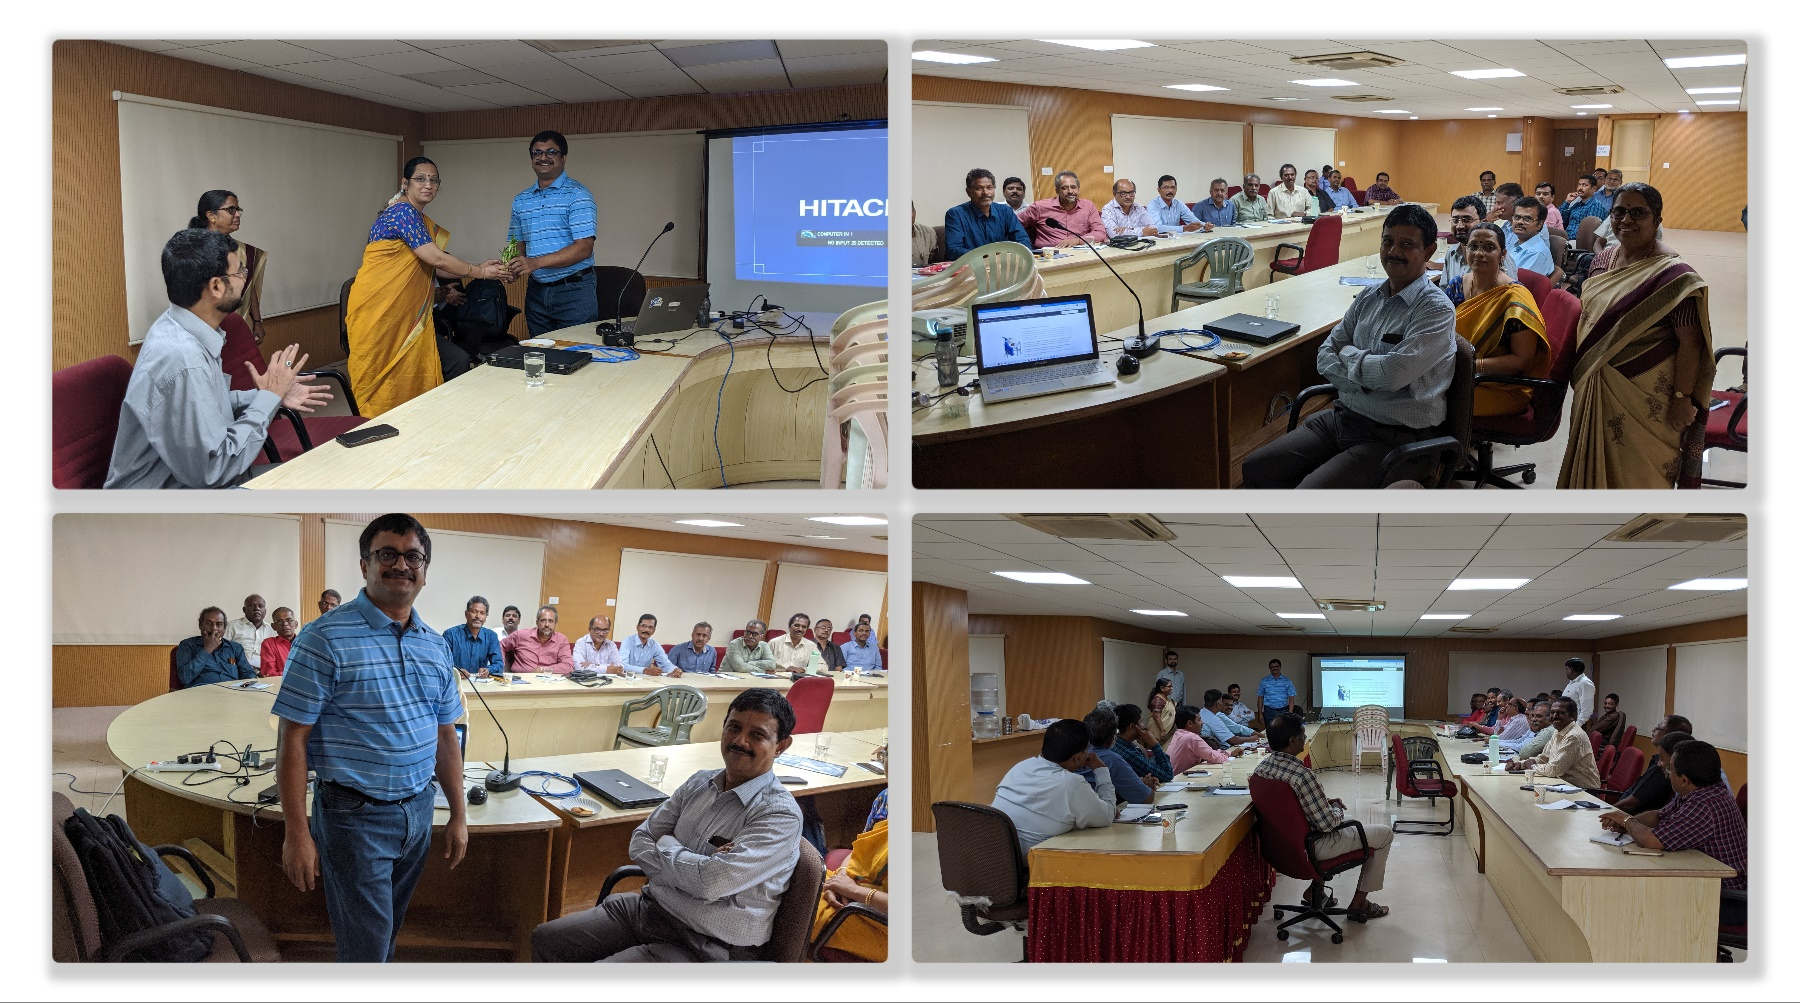 Presentation by Venkatarangan - 26th September 2019 - NIC, Rajaji Bhavan, Chennai